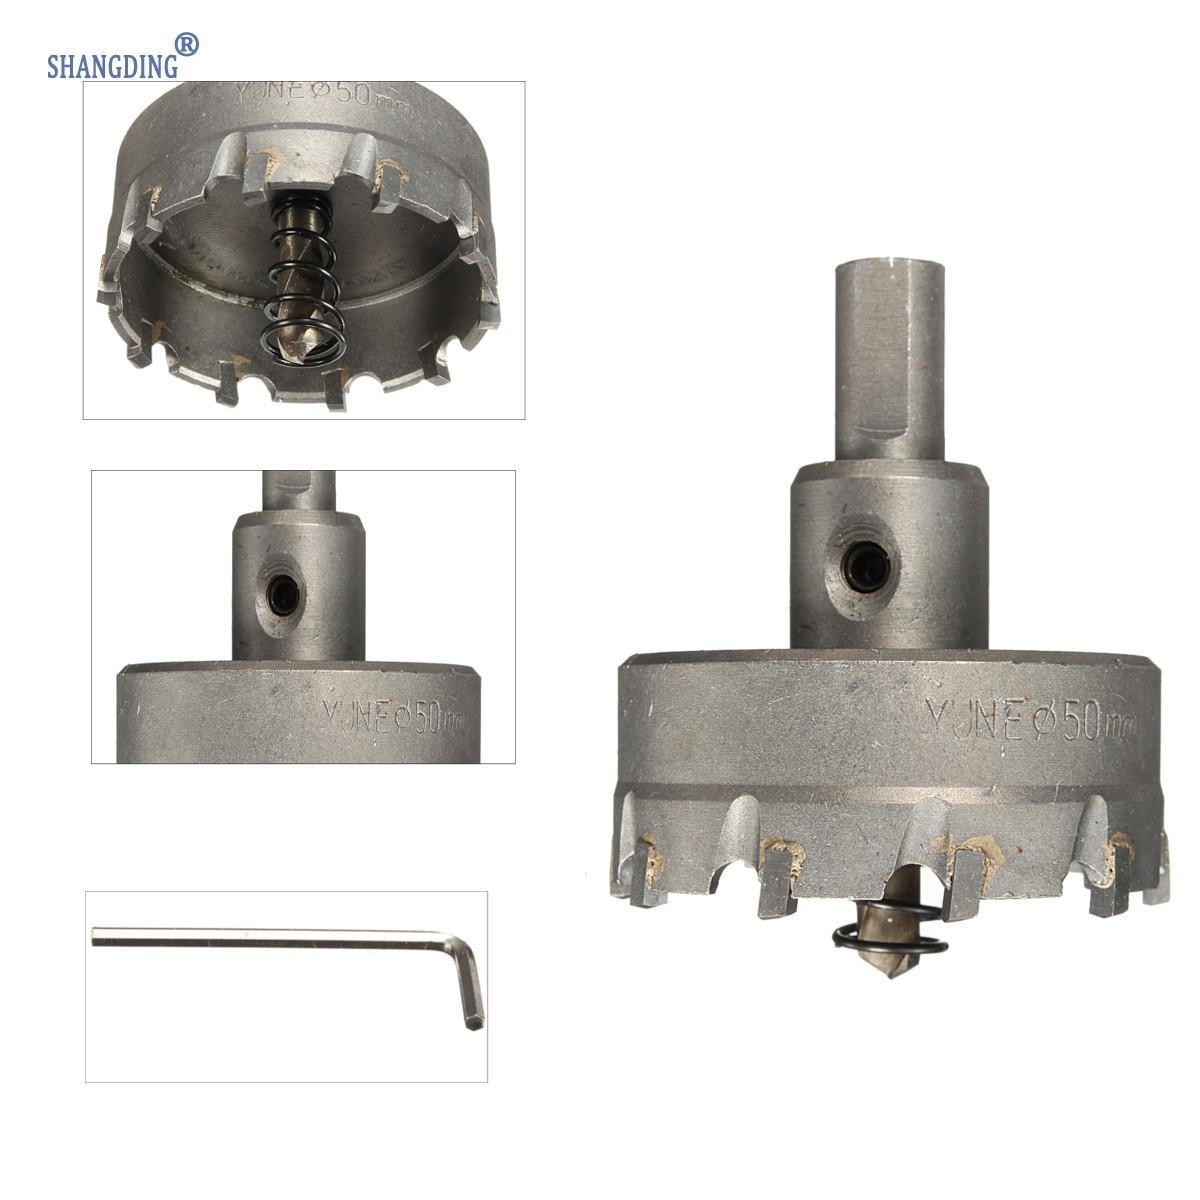 1 Set 48mm Carbide Tip TCT Boor Metalen Gatenzaag met Spanner - Boor - Foto 1